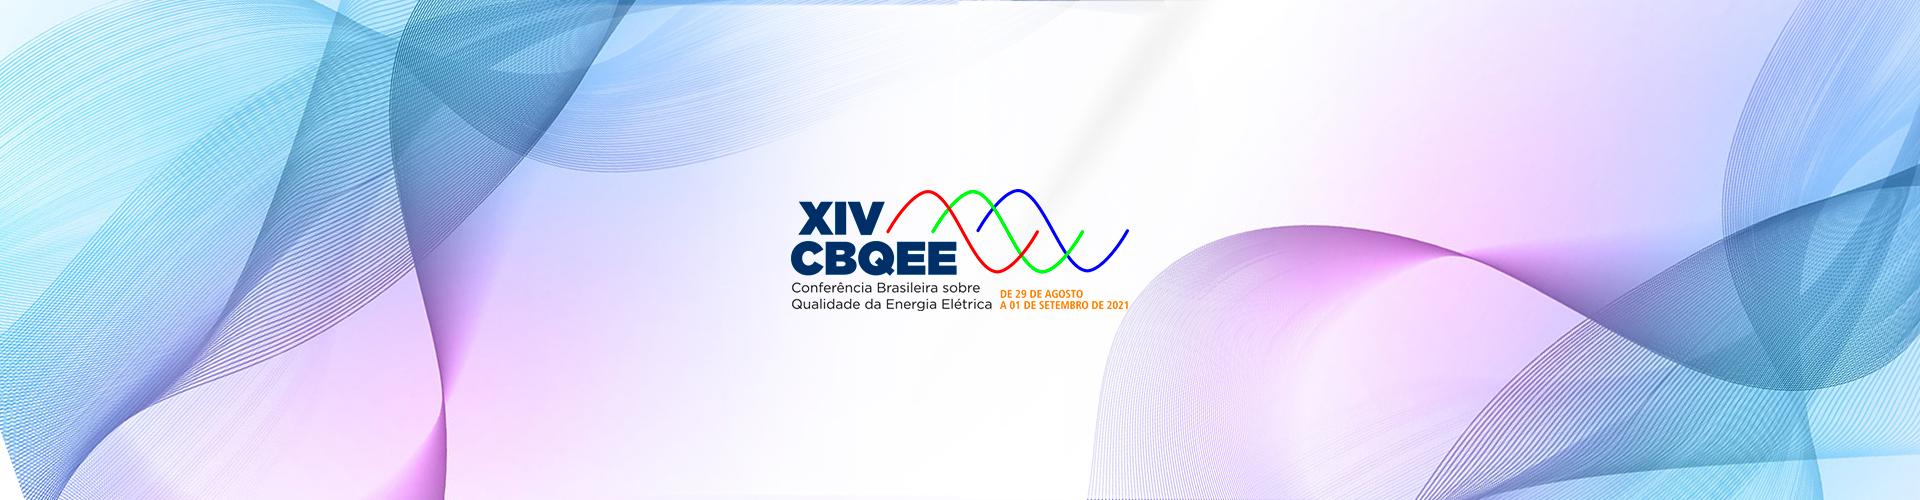 CBQEE 2021 - XIV Conferência Brasileira sobre Qualidade da Energia Elétrica